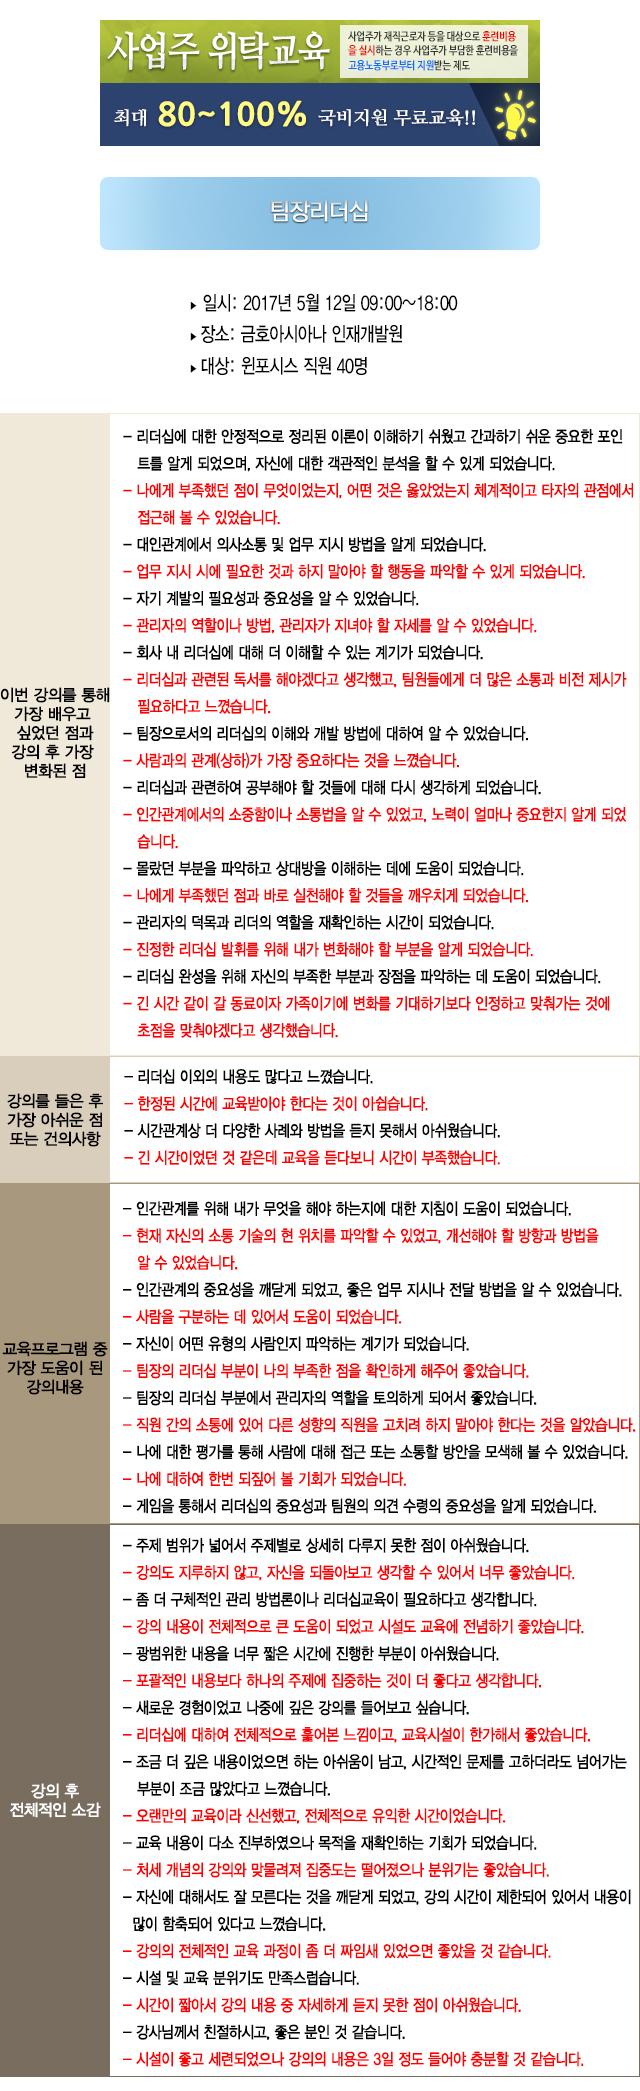 한국중앙인재개발원 후기_윈포시스.jpg